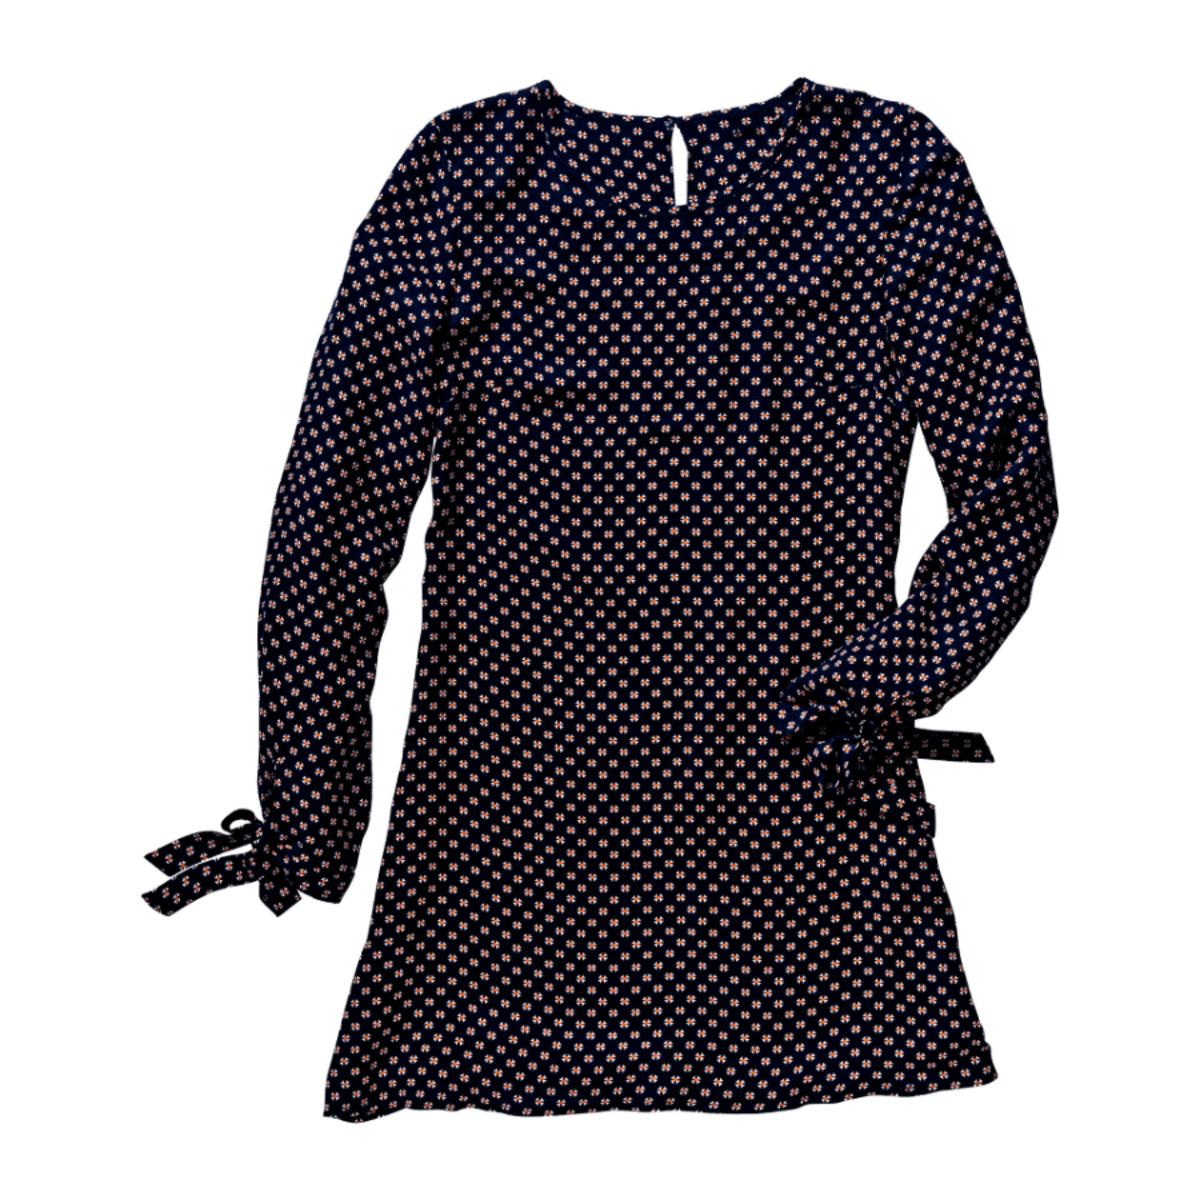 Bild 3 von UP2FASHION     Viskose Crepe-Kleid